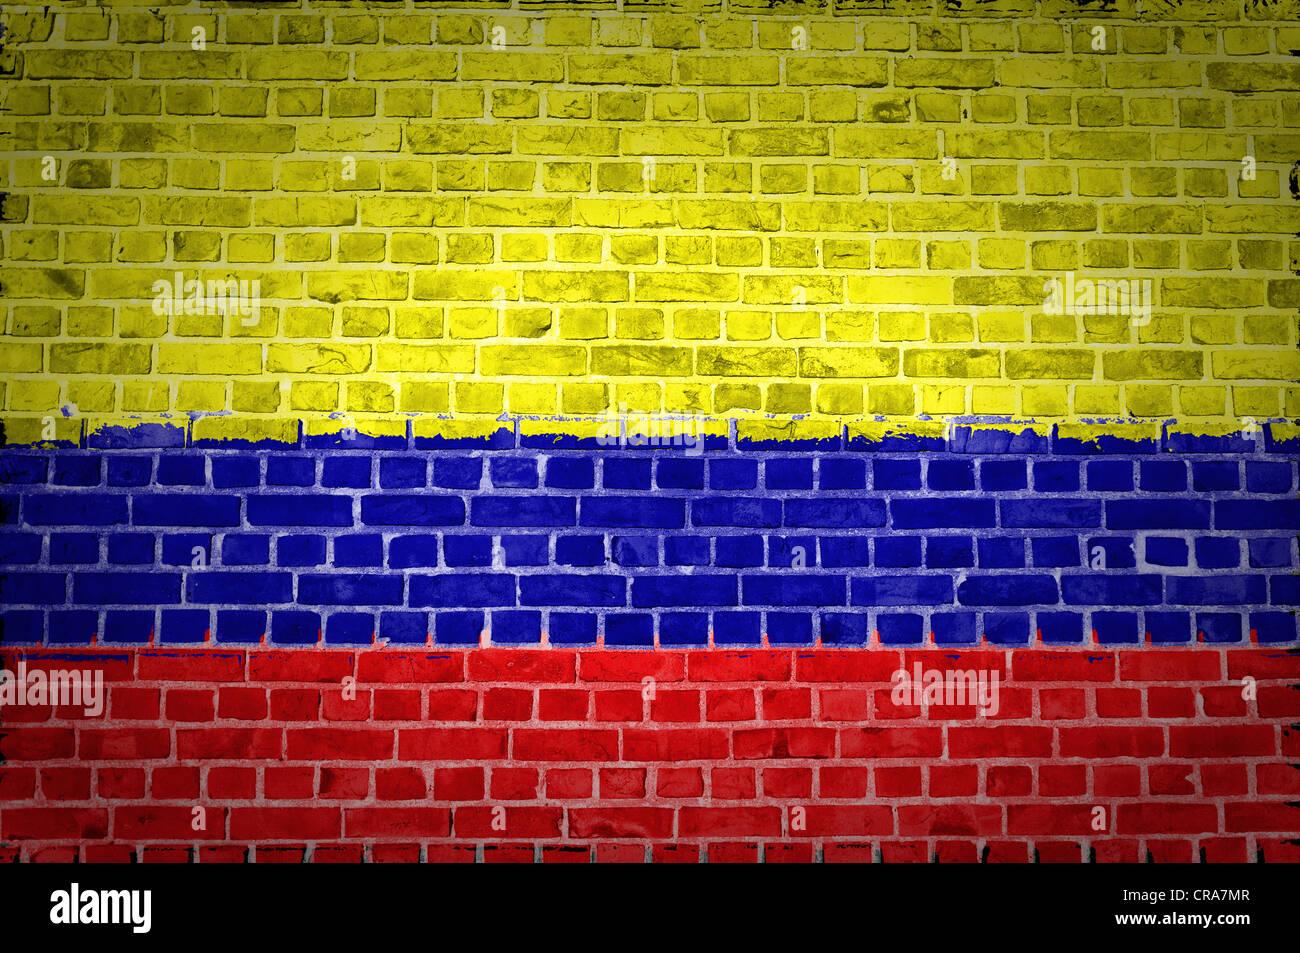 Una immagine della Colombia bandiera dipinta su un muro di mattoni in una collocazione urbana Immagini Stock